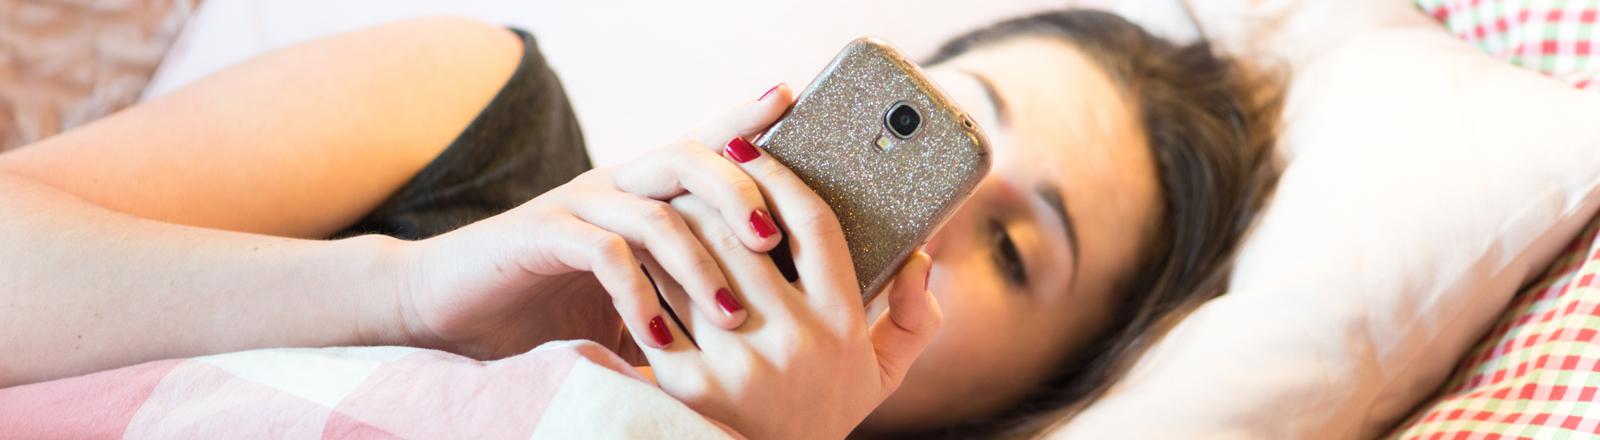 Frau liegt mit Smartphone im Bett